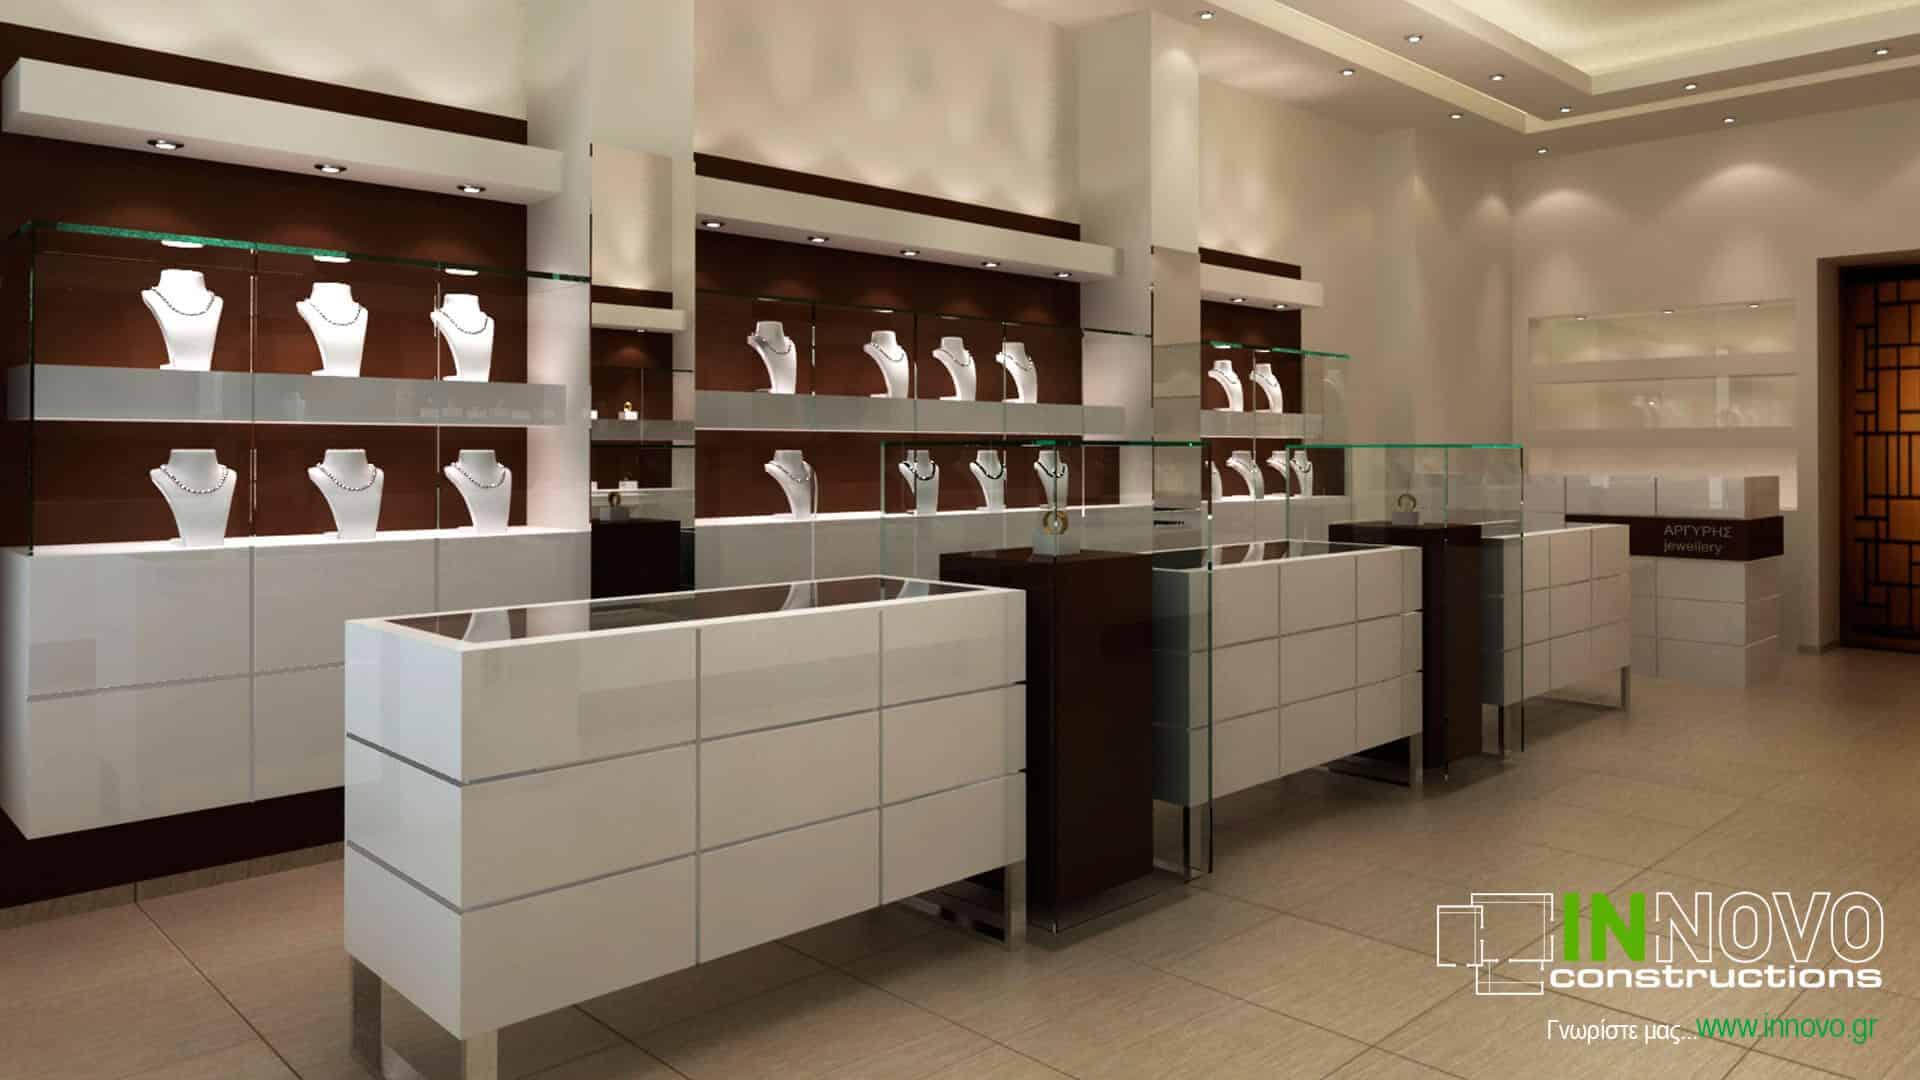 diakosmisi-kosmimatopoleiou-jewelry-design-3d-kosmimatopoleio-lefkada-1187